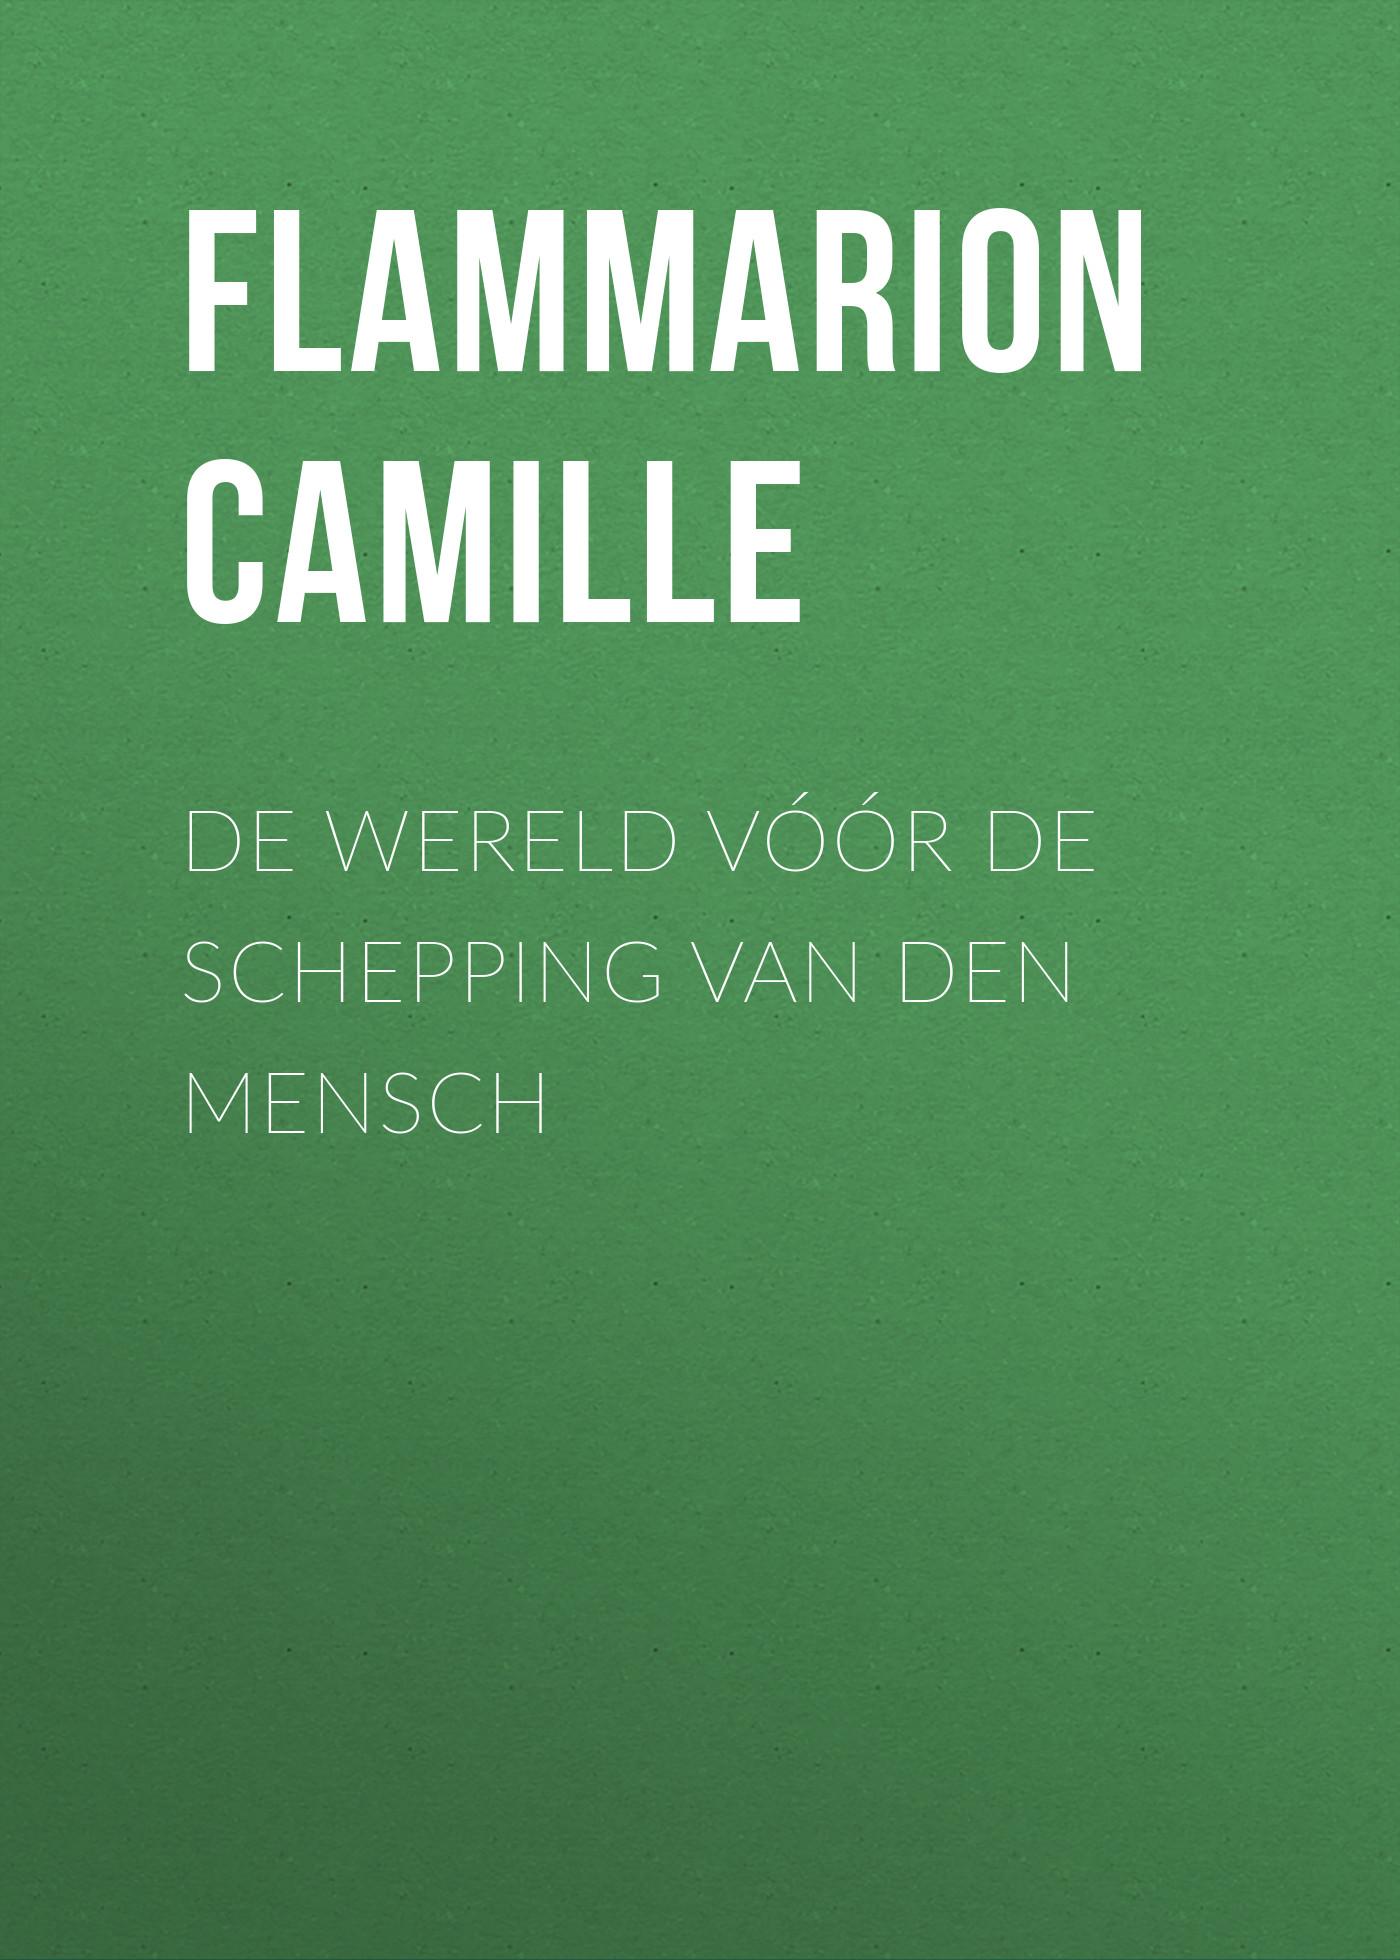 лучшая цена Flammarion Camille De Wereld vóór de schepping van den mensch